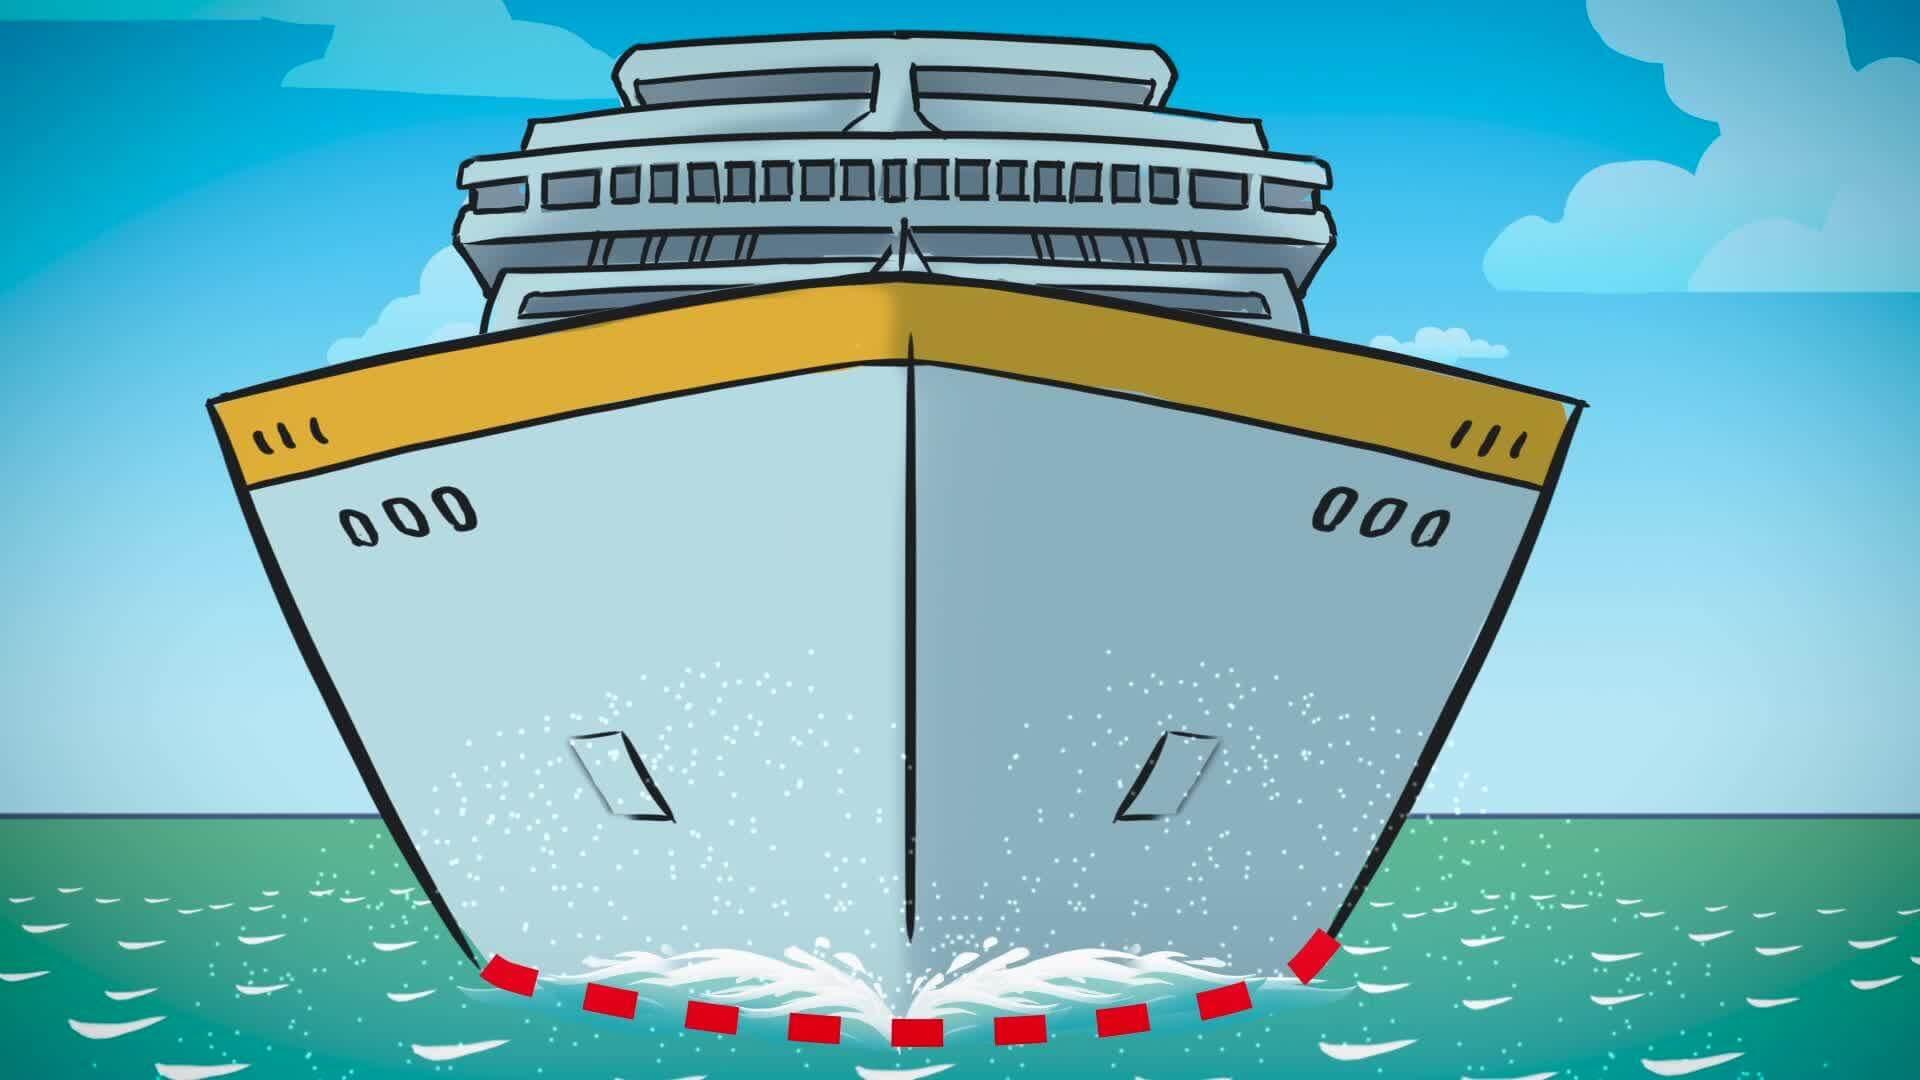 Gemiler Su Üstünde Neden Batmaz?